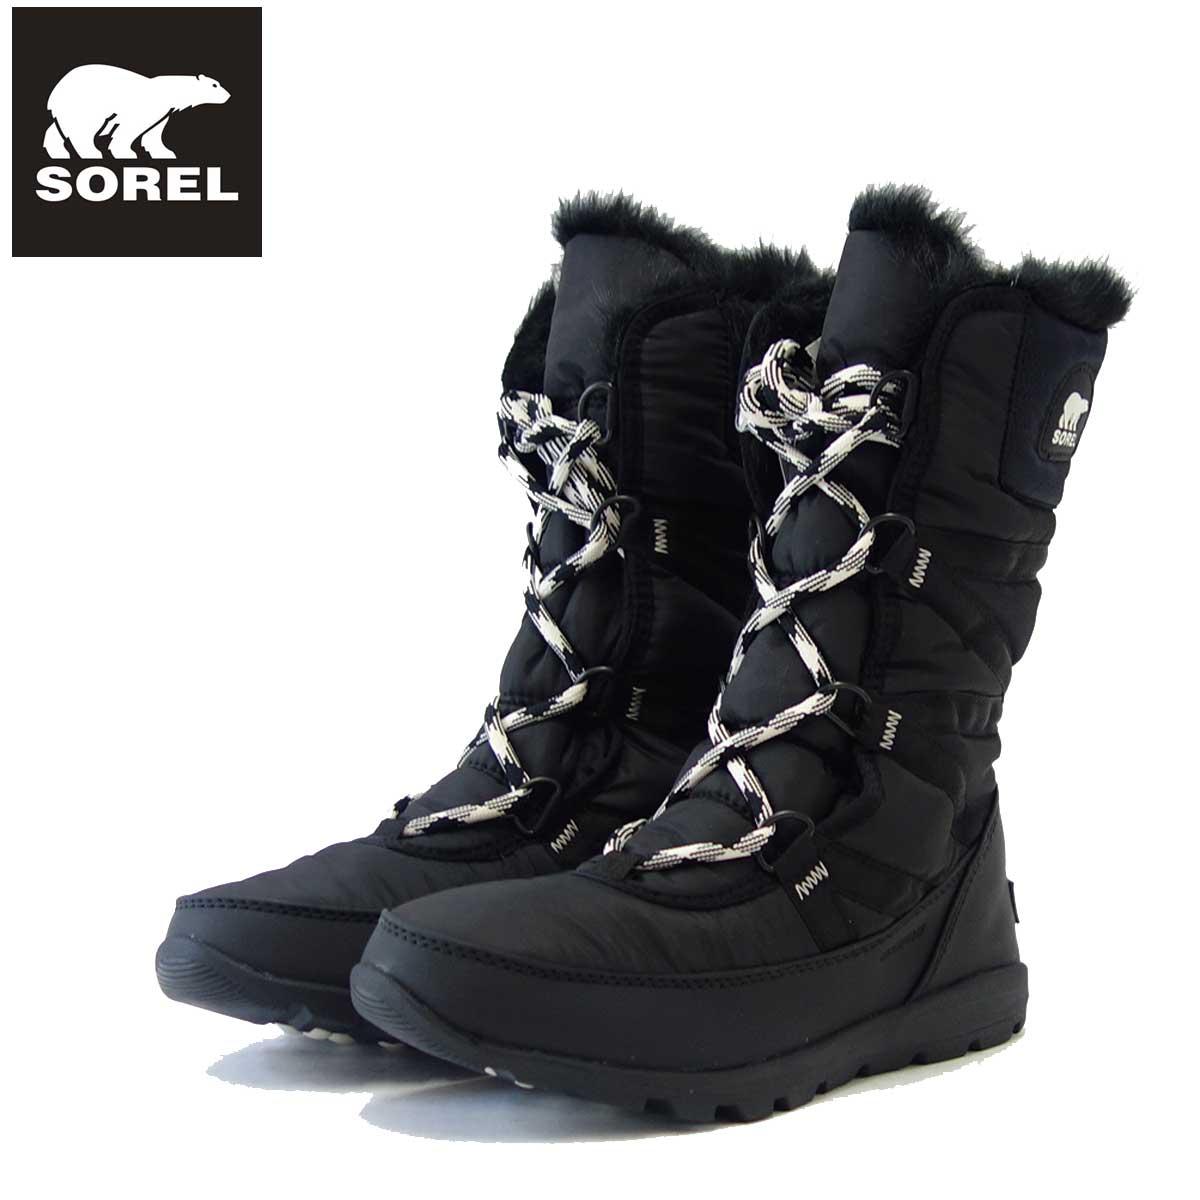 ソレル SOREL NL 3085(レディース) ウィットニートールレース 2:ブラック (010) 「靴」